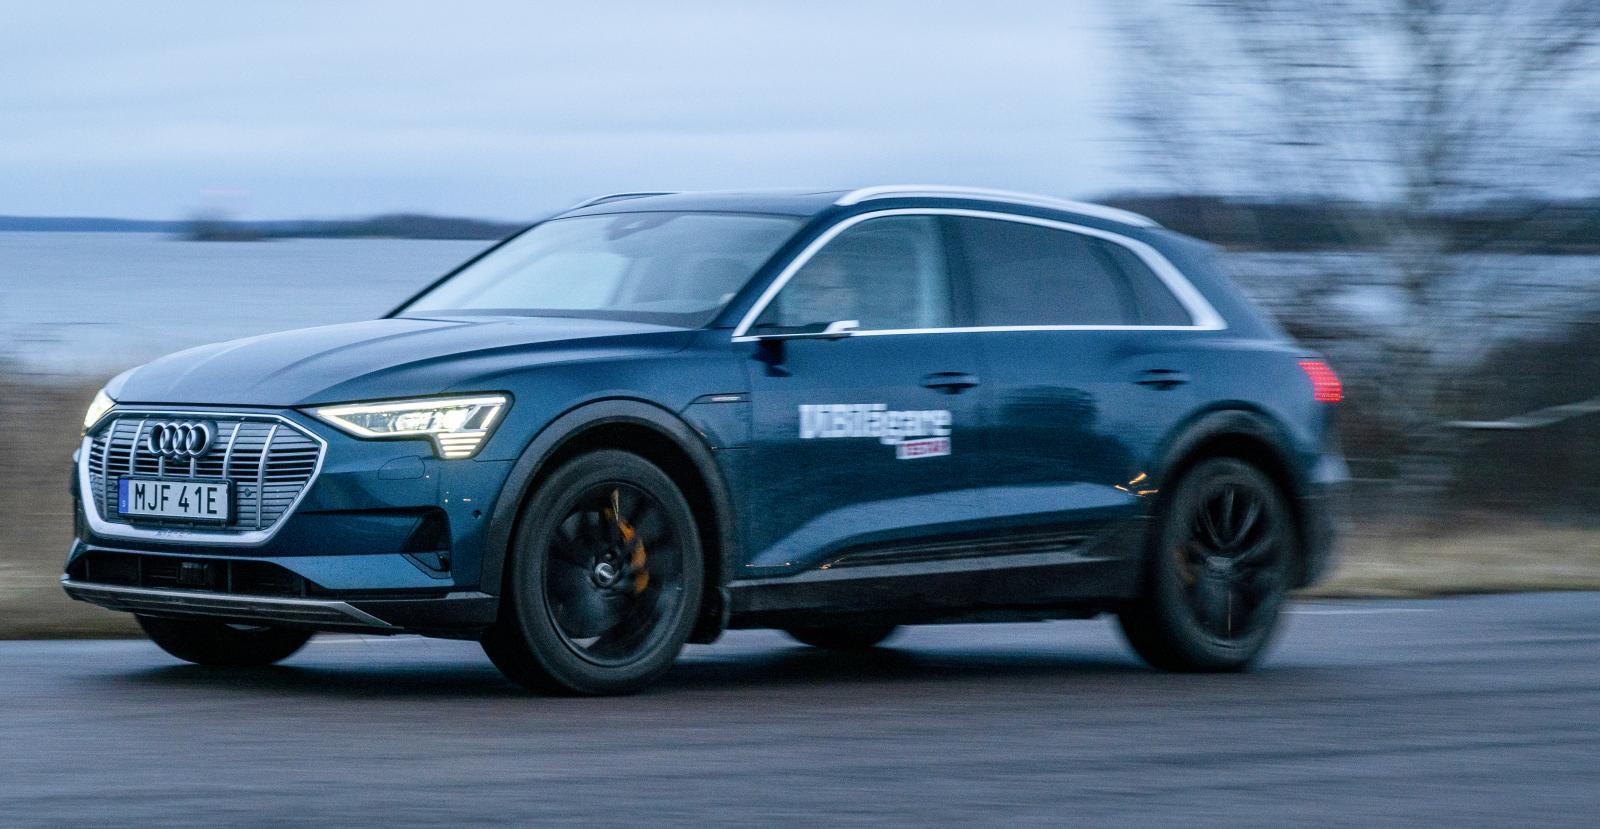 Elbilen Audi E-tron visar imponerande siffror: den har gått från dryga 80 till över 1 200 registrerade bilar – en ökning med 280 procent.